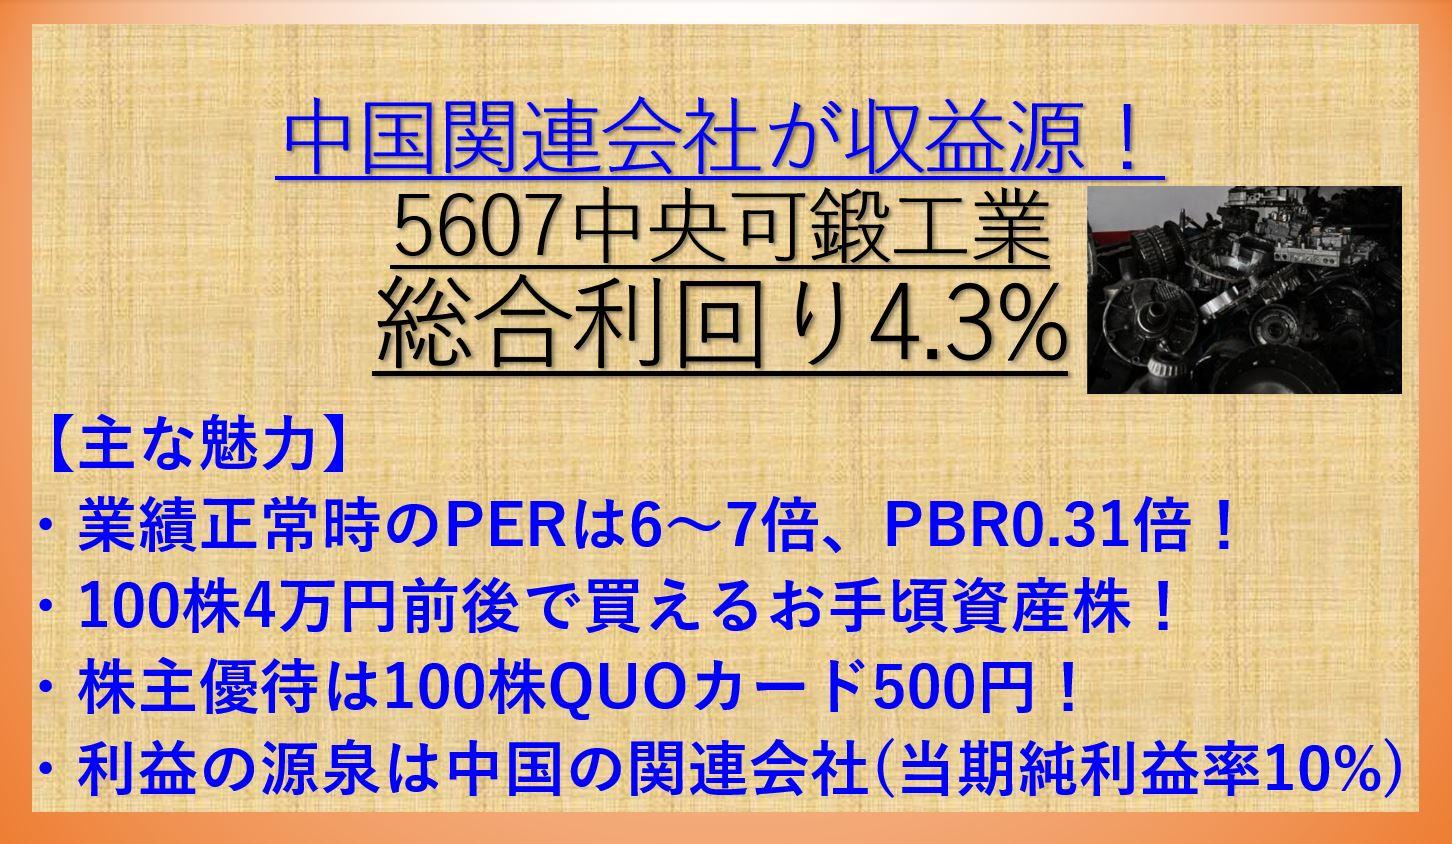 5607-中央可鍛工業